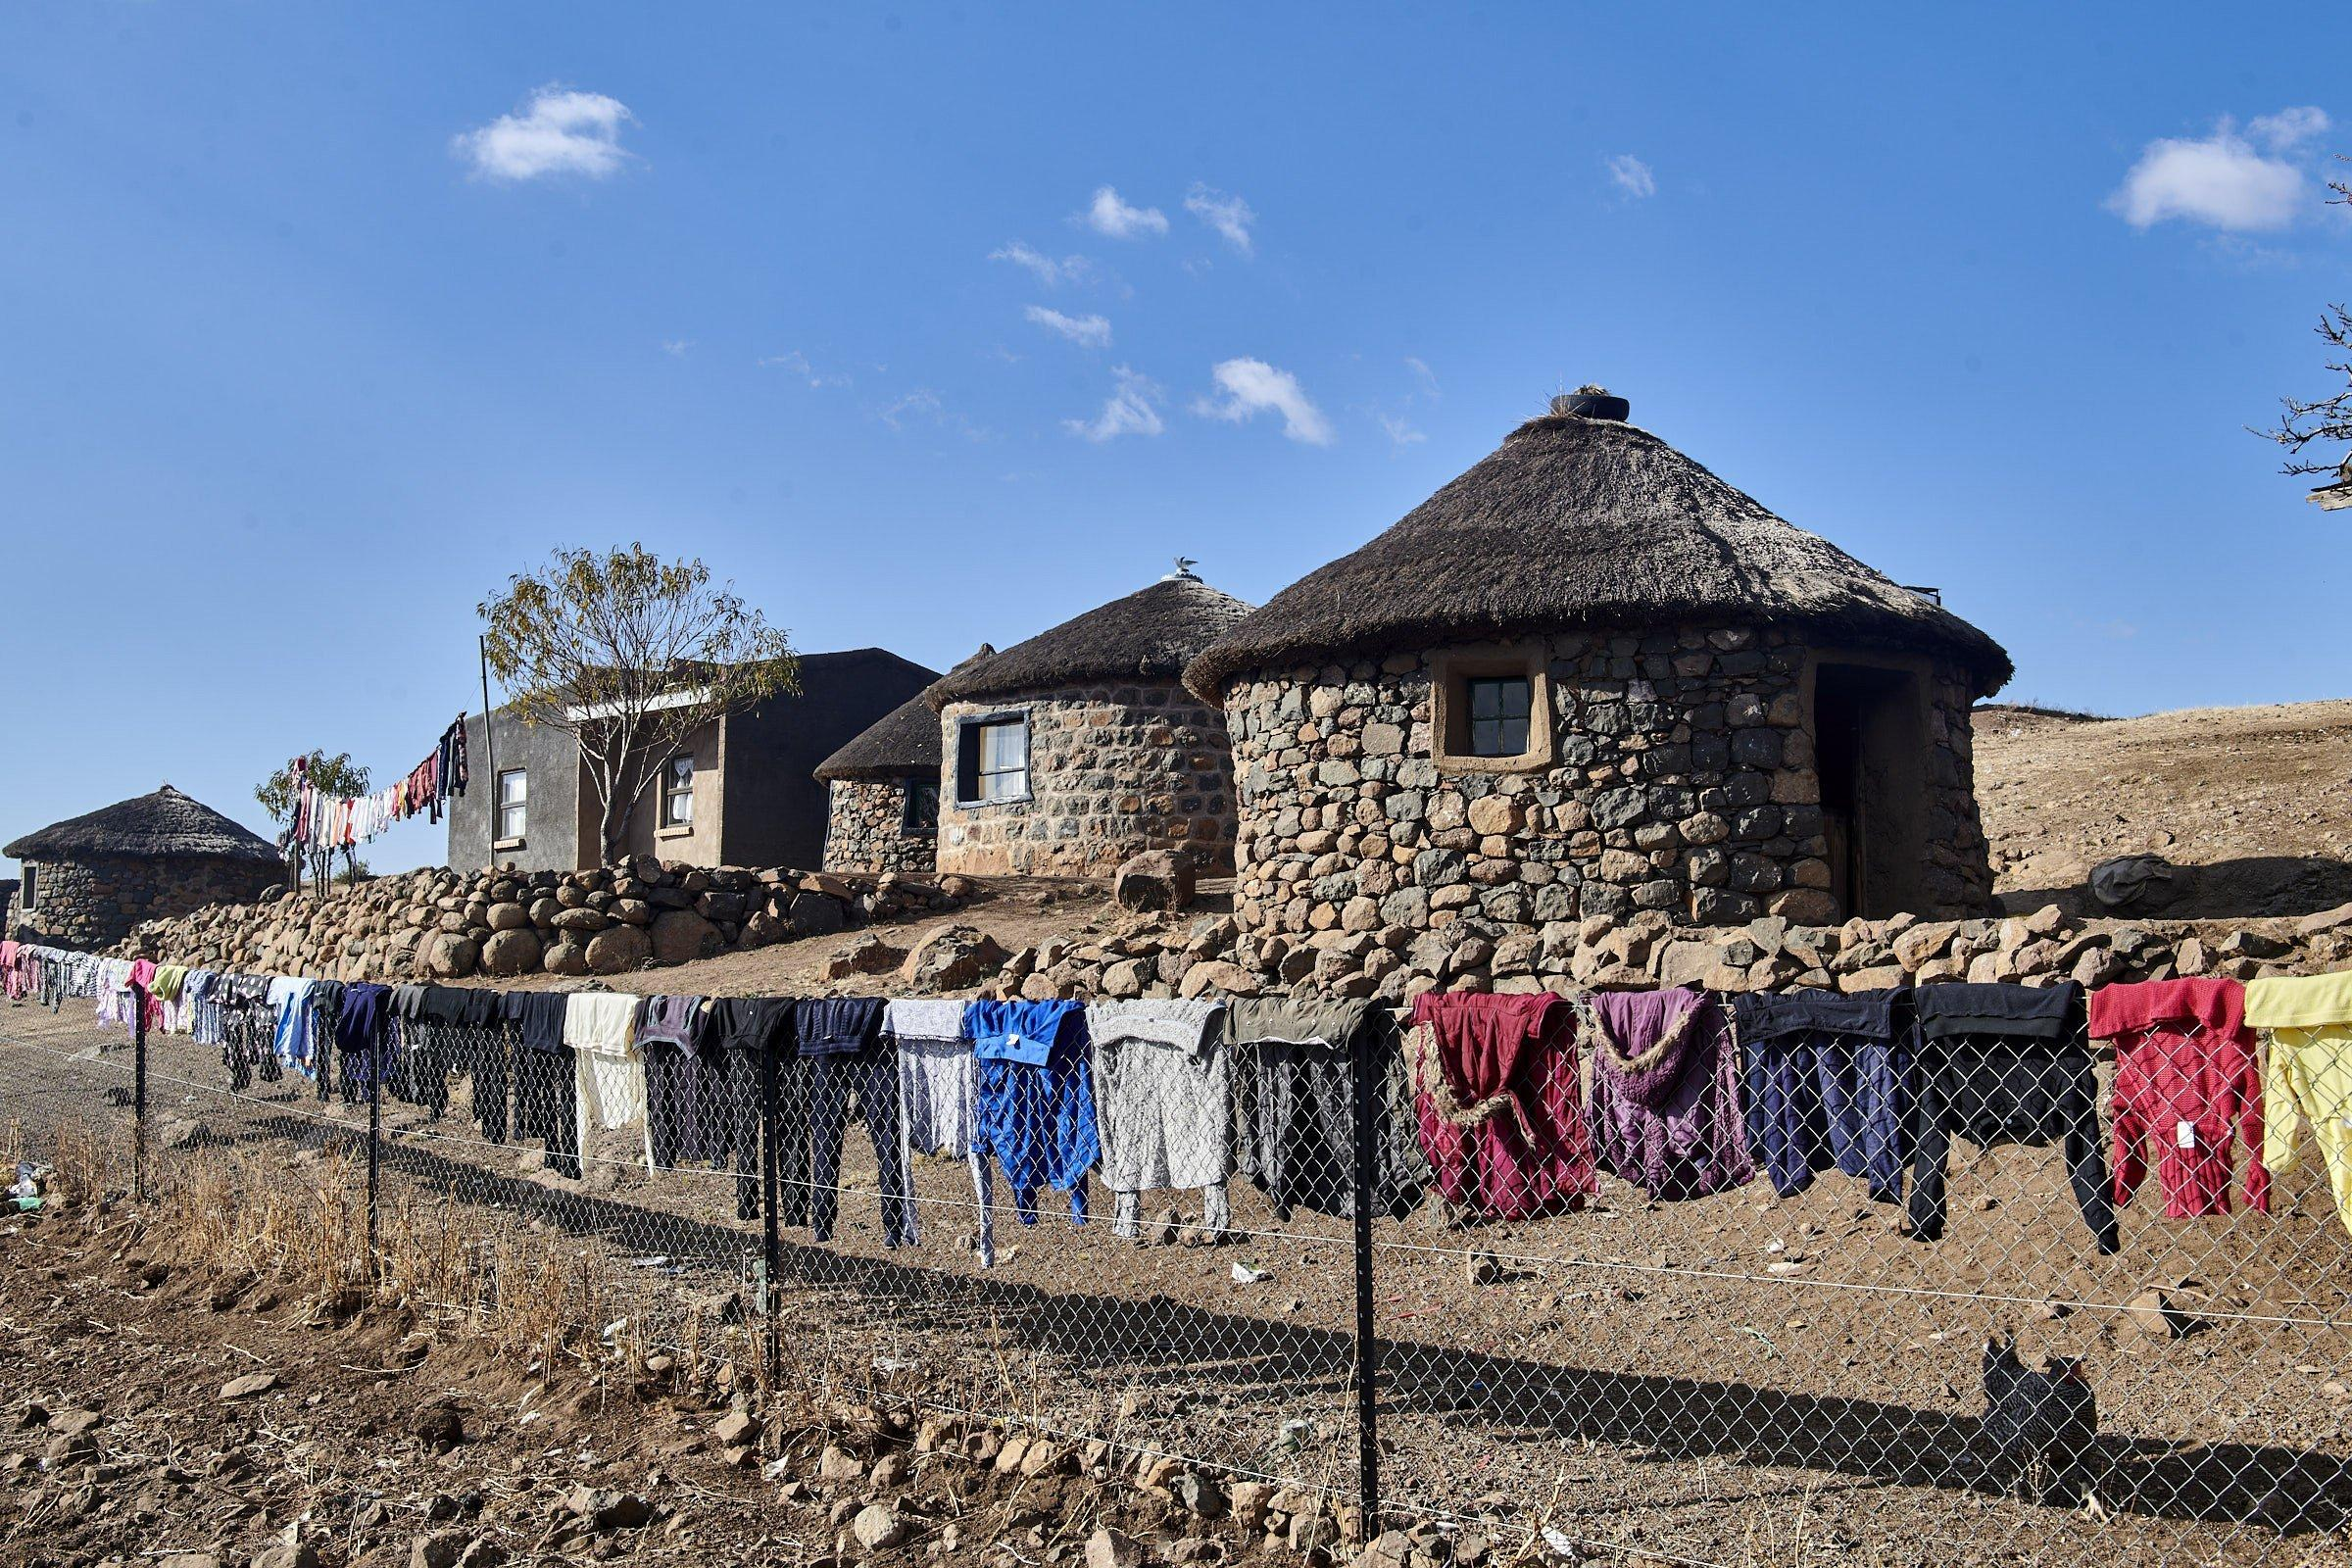 Über dem Zaun, der das Dorf von der Baustelle trennt, hängt Wäsche zum Trocknen in der Sonne